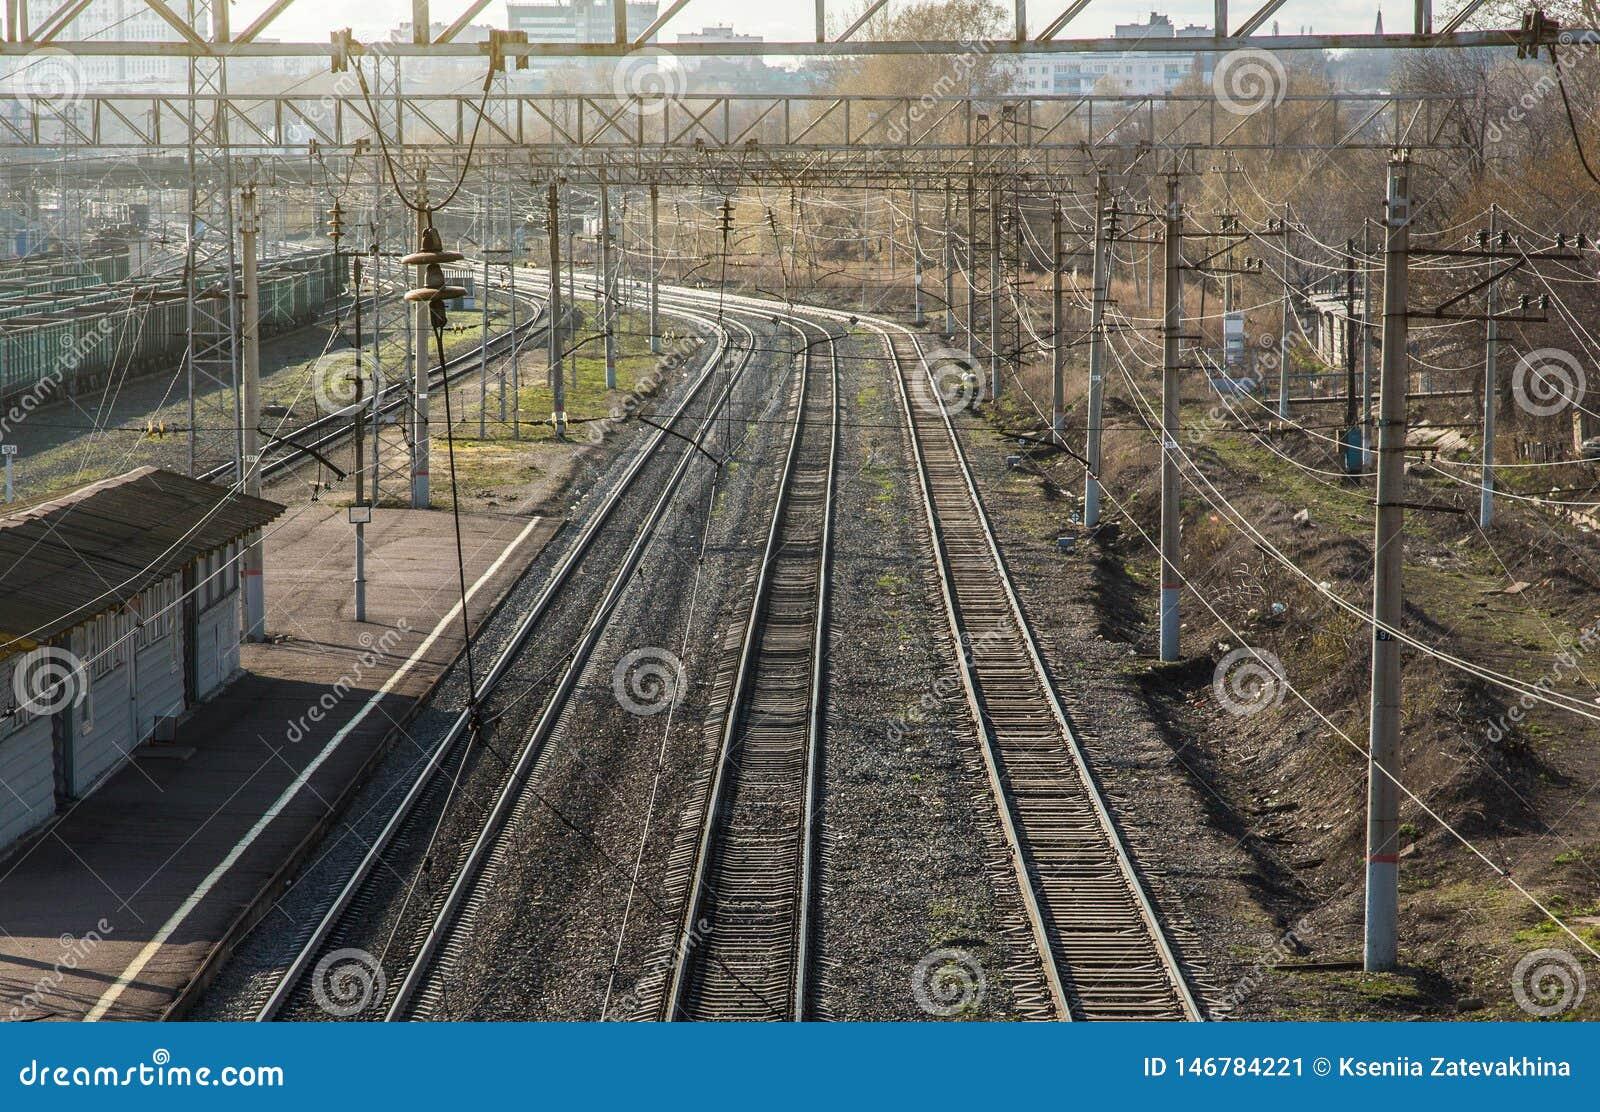 Railways двухгусеничные рельсы покидая расстояние и станция